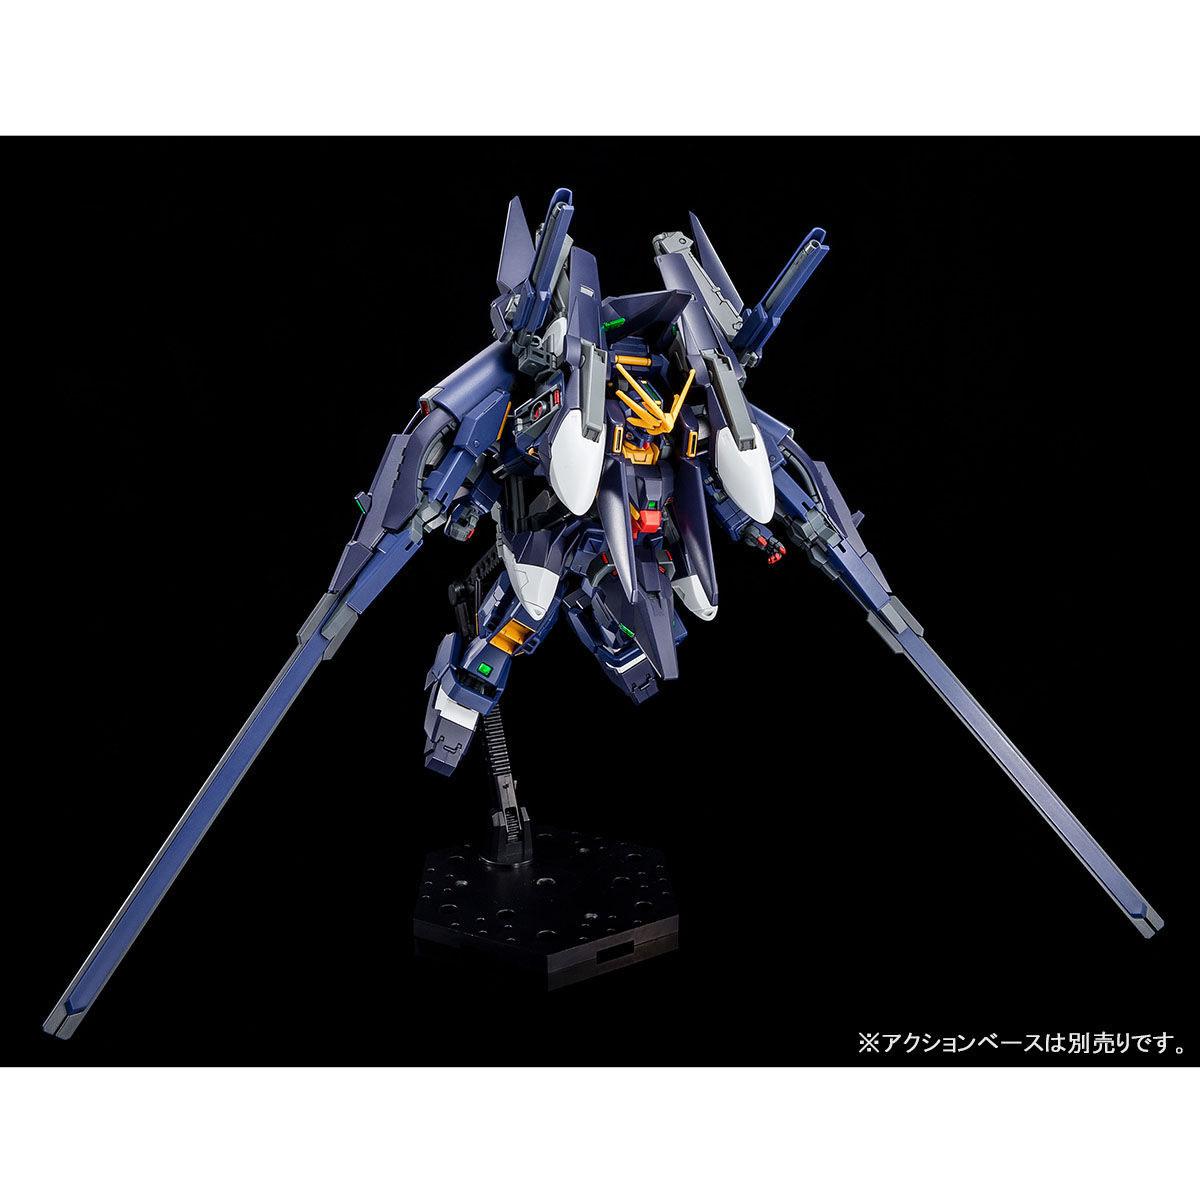 【限定販売】HG 1/144『ガンダムTR-1[ハイゼンスレイ・ラーII]』プラモデル-006